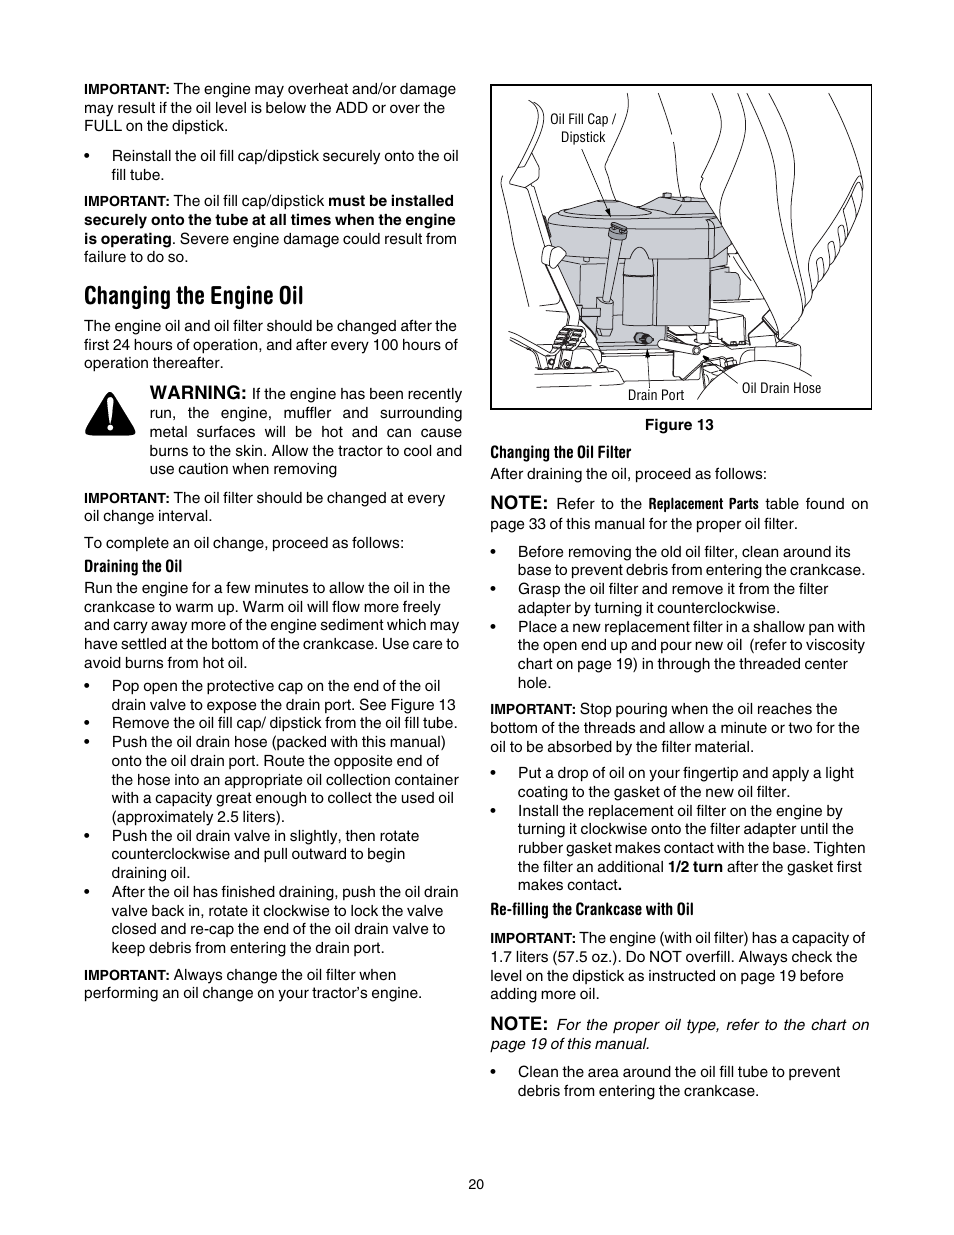 changing the engine oil cub cadet slt1554 user manual page 20 40 rh manualsdir com cub cadet slt 1554 parts manual Cub Cadet 1554 Parts Diagram